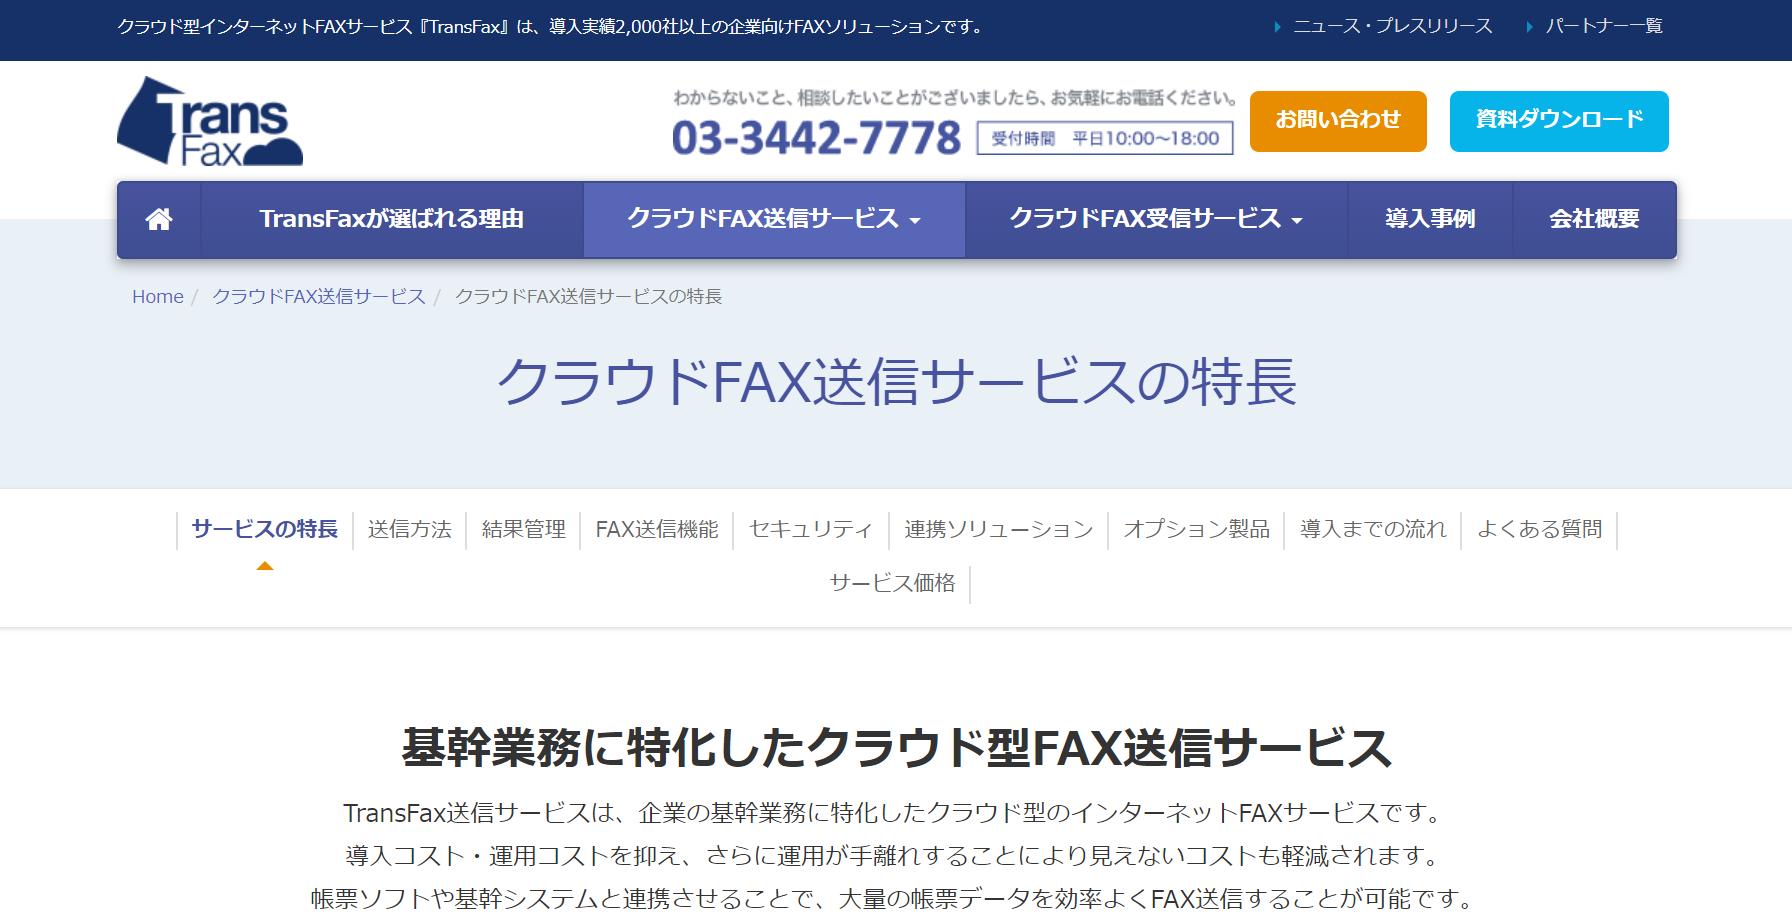 TransFax クラウドFAX送信サービス